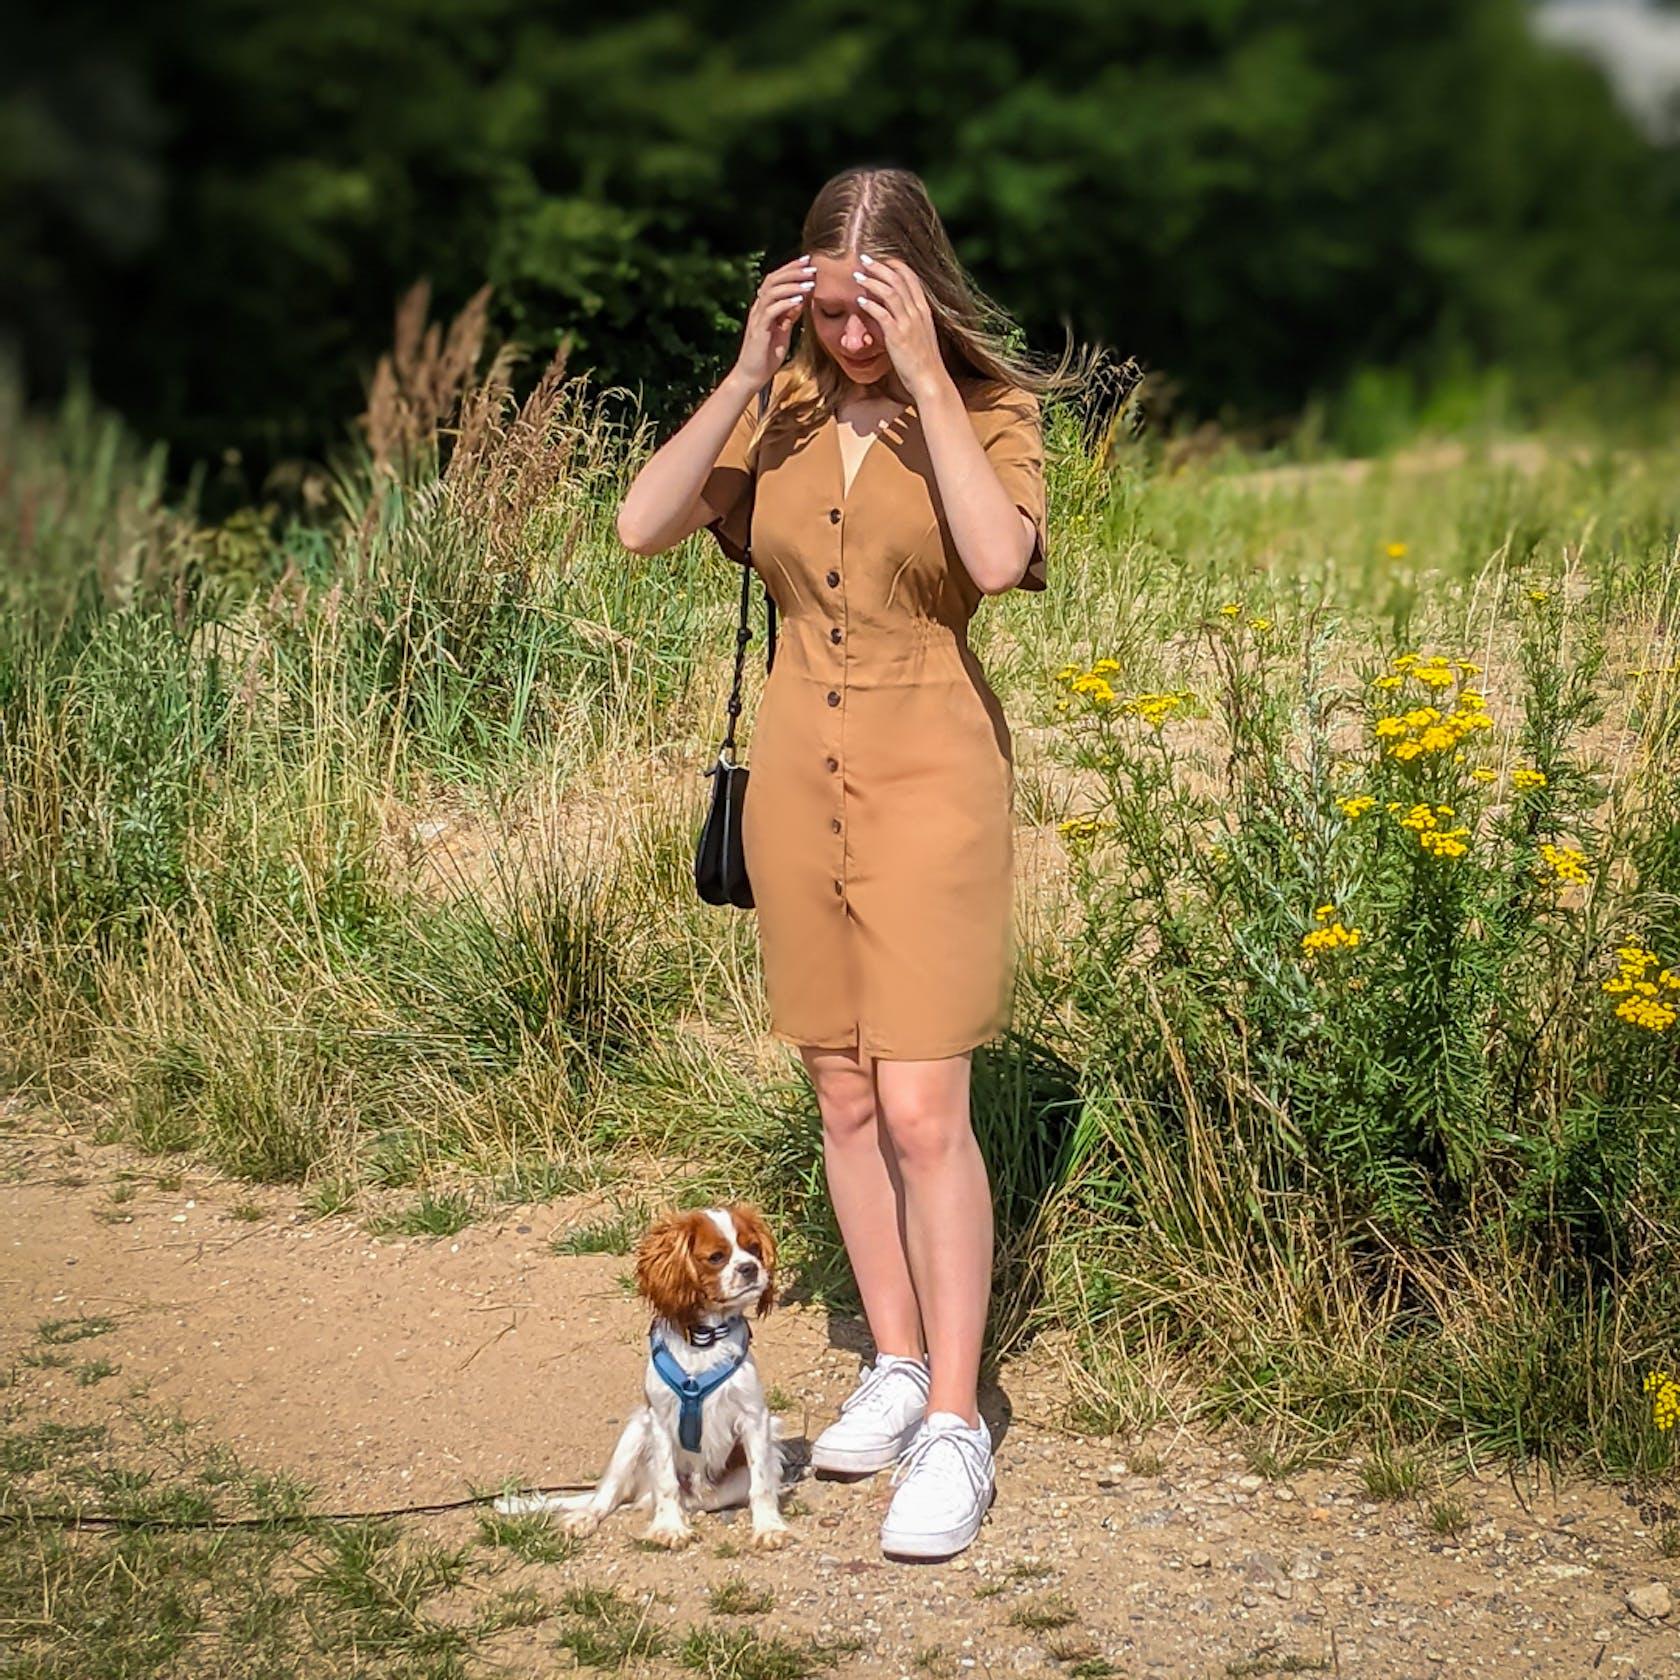 junge Frau steht mit kleinem Hund an einem Sandweg